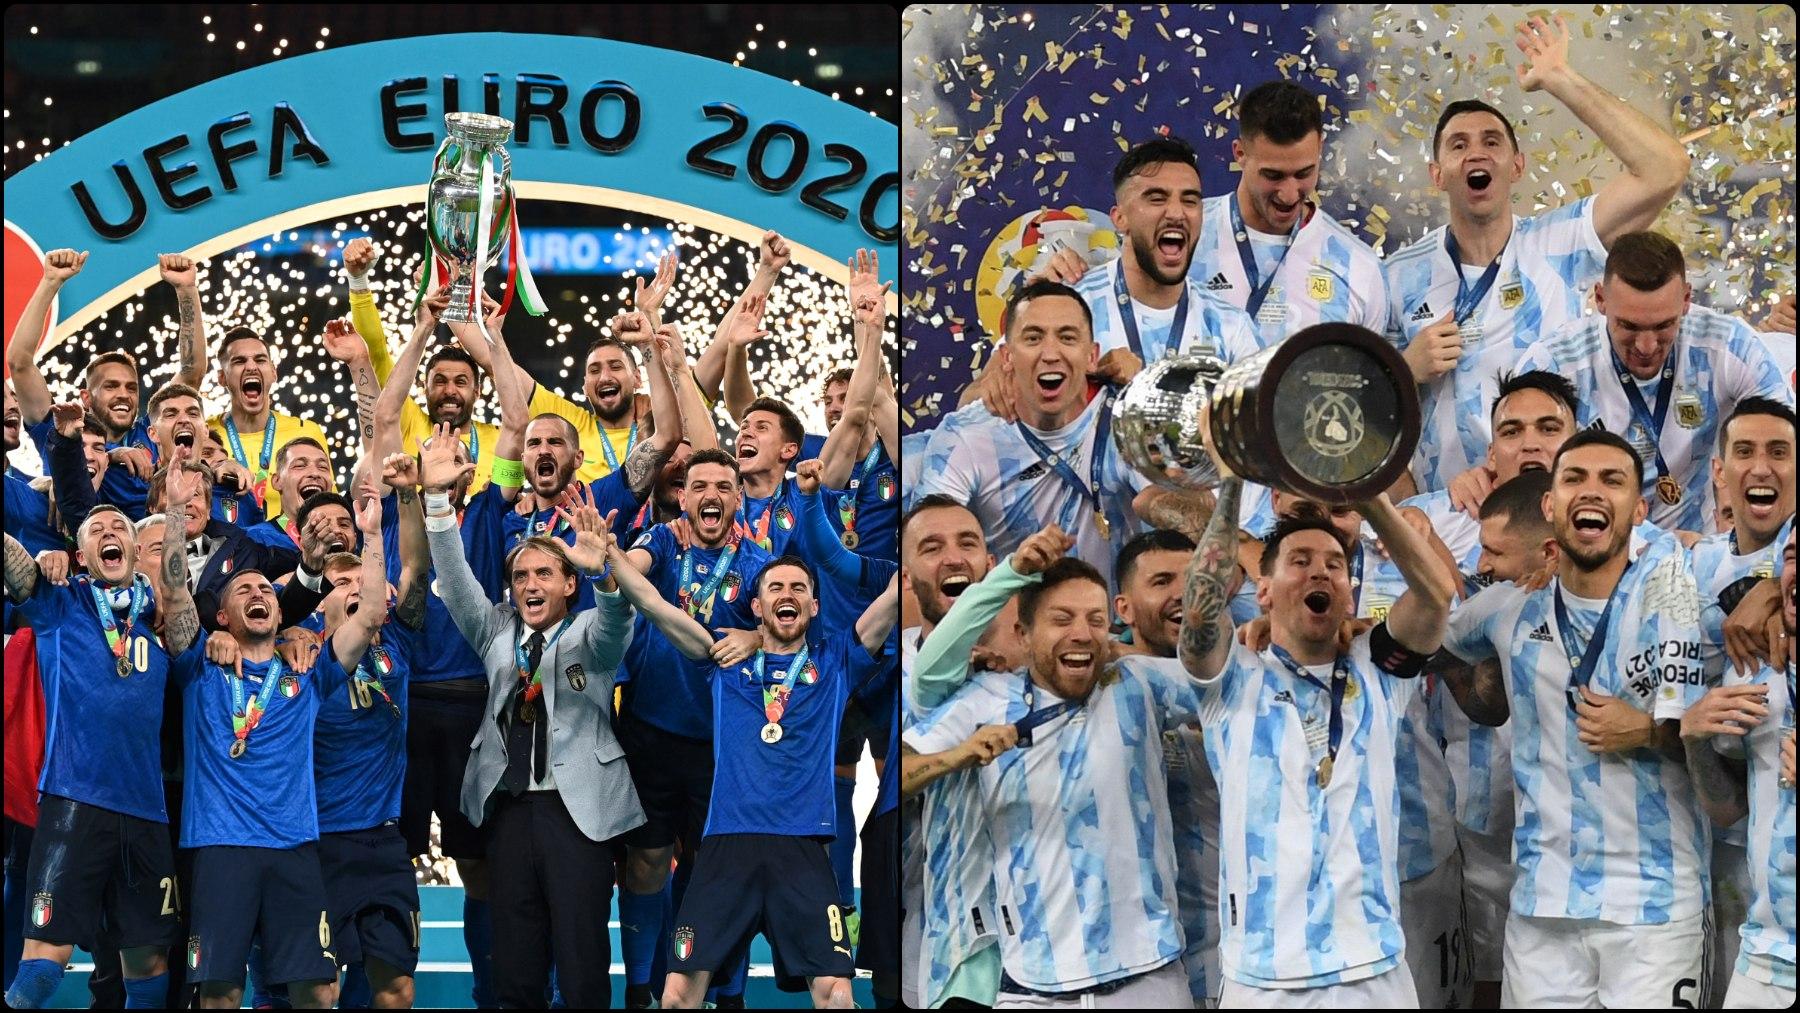 Italia, campeón de la Eurocopa, y Argentina, campeón de la Copa América.